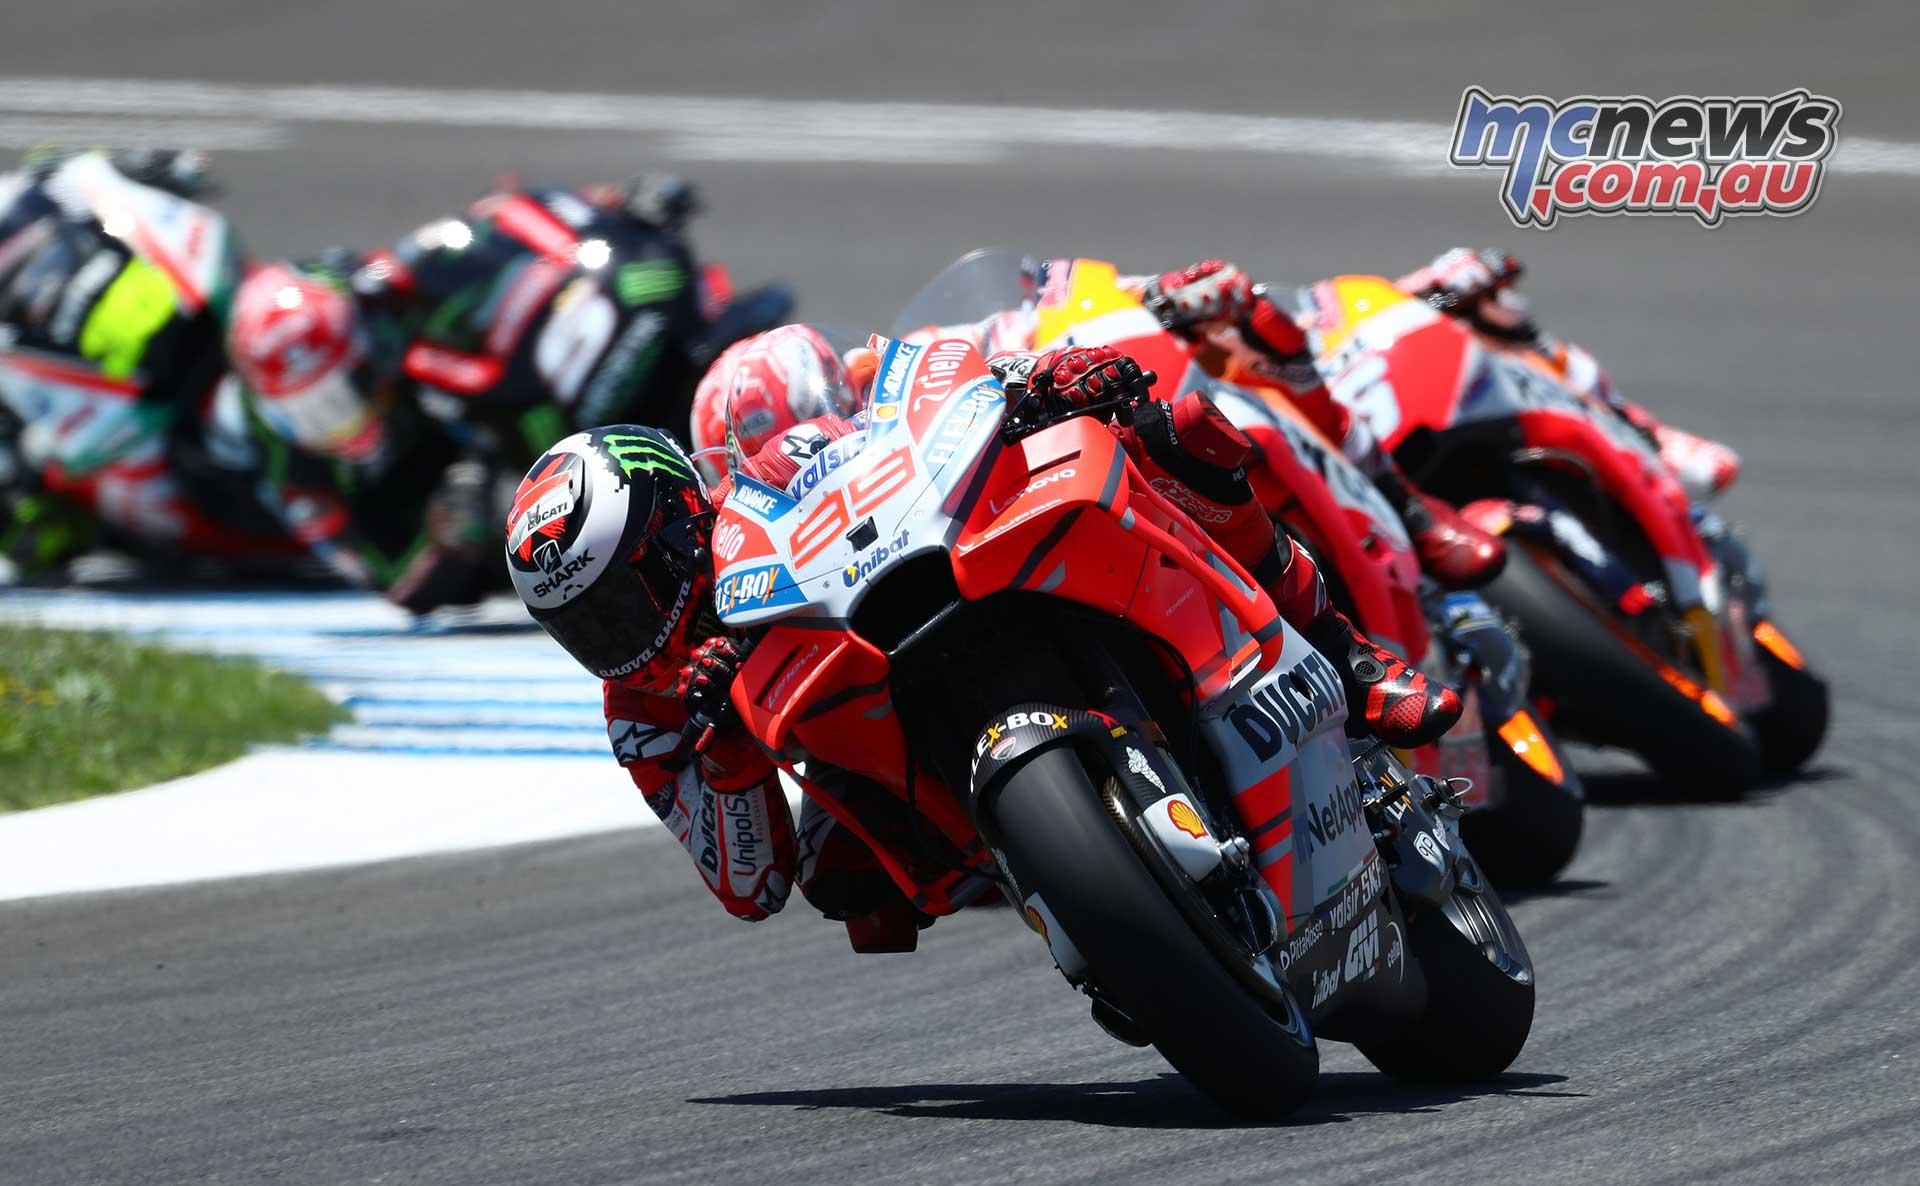 2018 Jerez MotoGP Images | Gallery C | MCNews.com.au